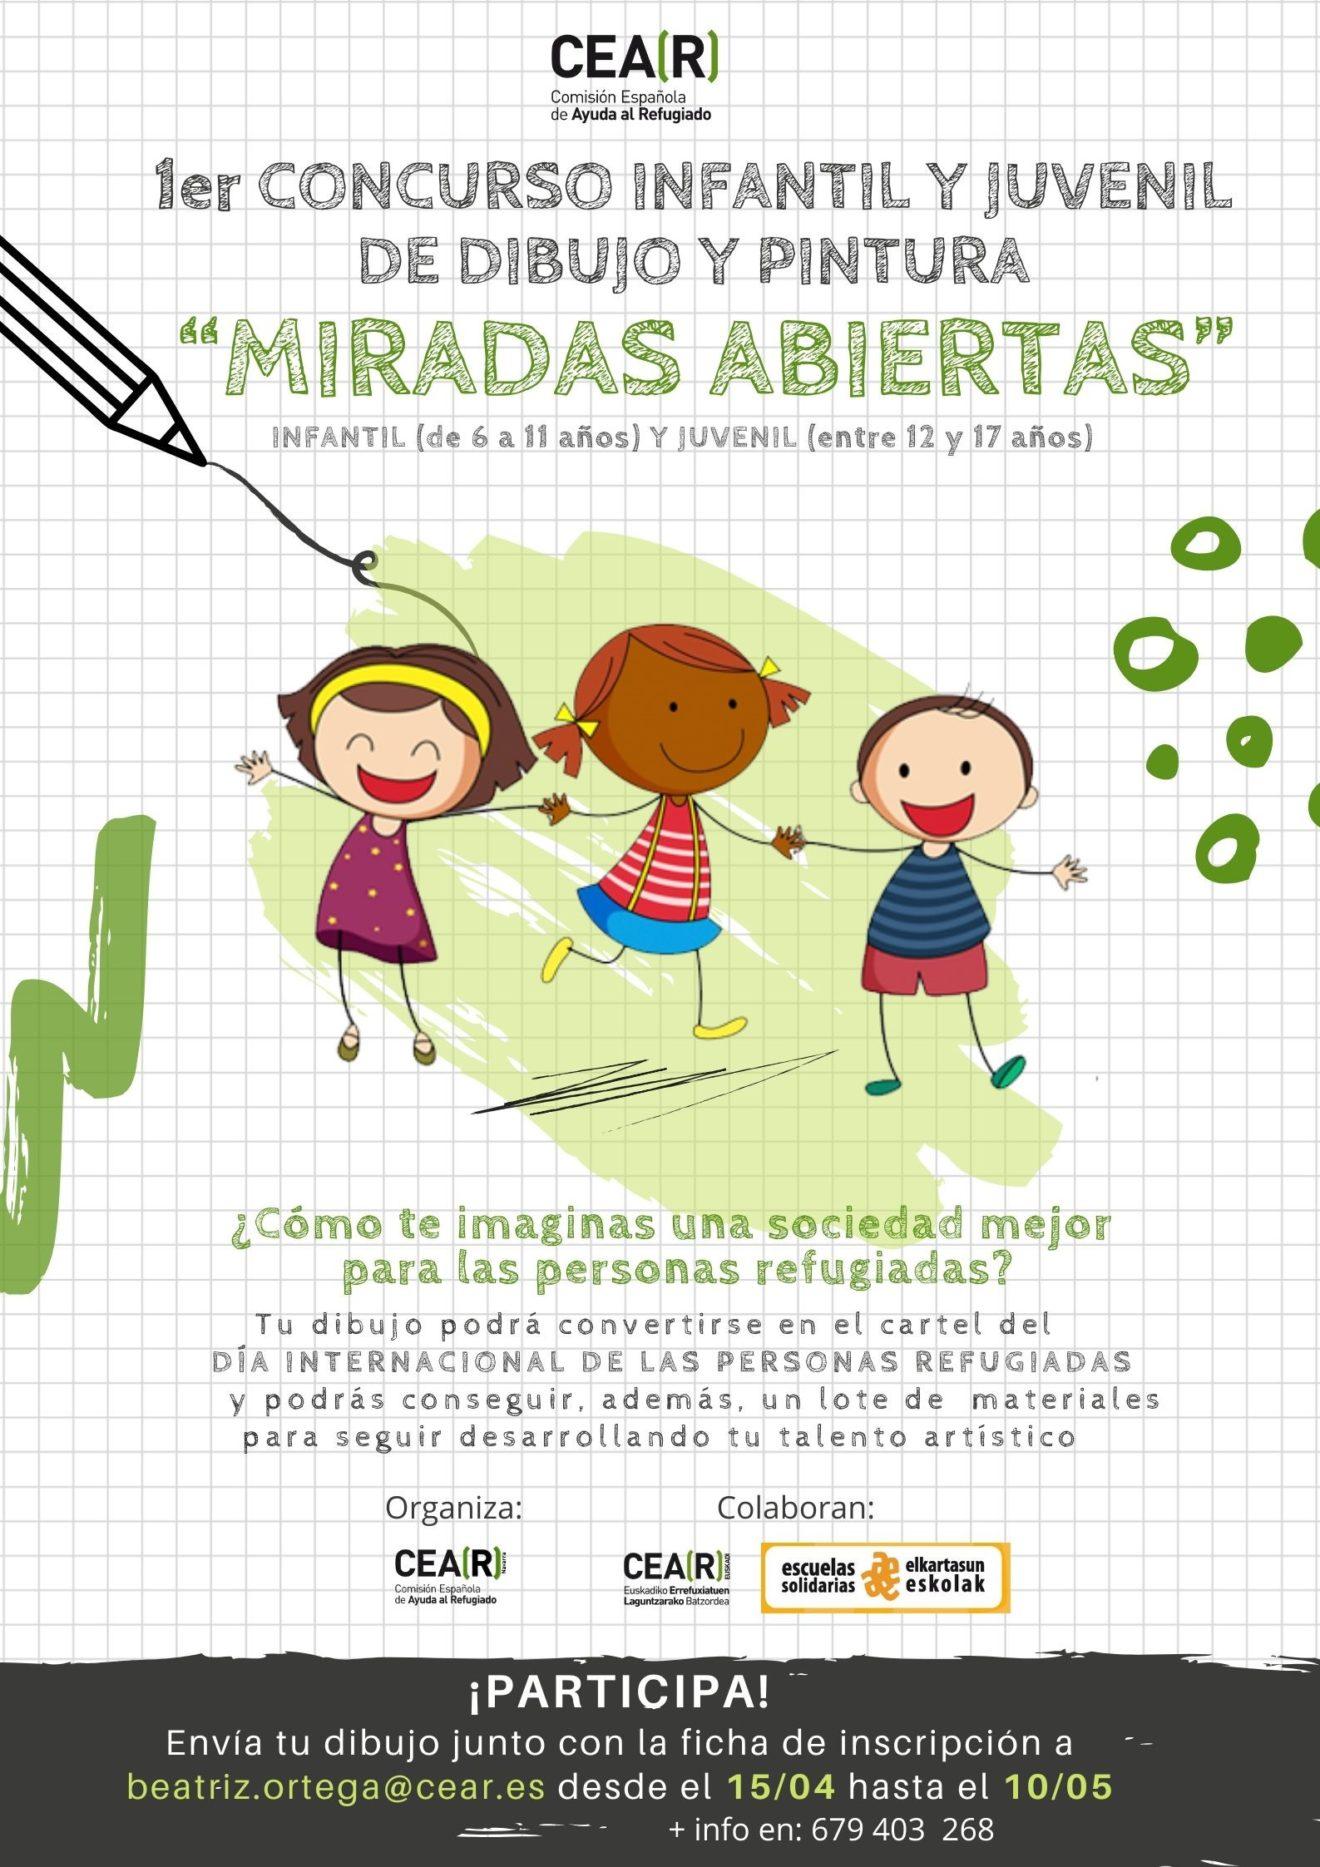 """Primer concurso infantil y juvenil de dibujo y pintura """"miradas abiertas"""""""